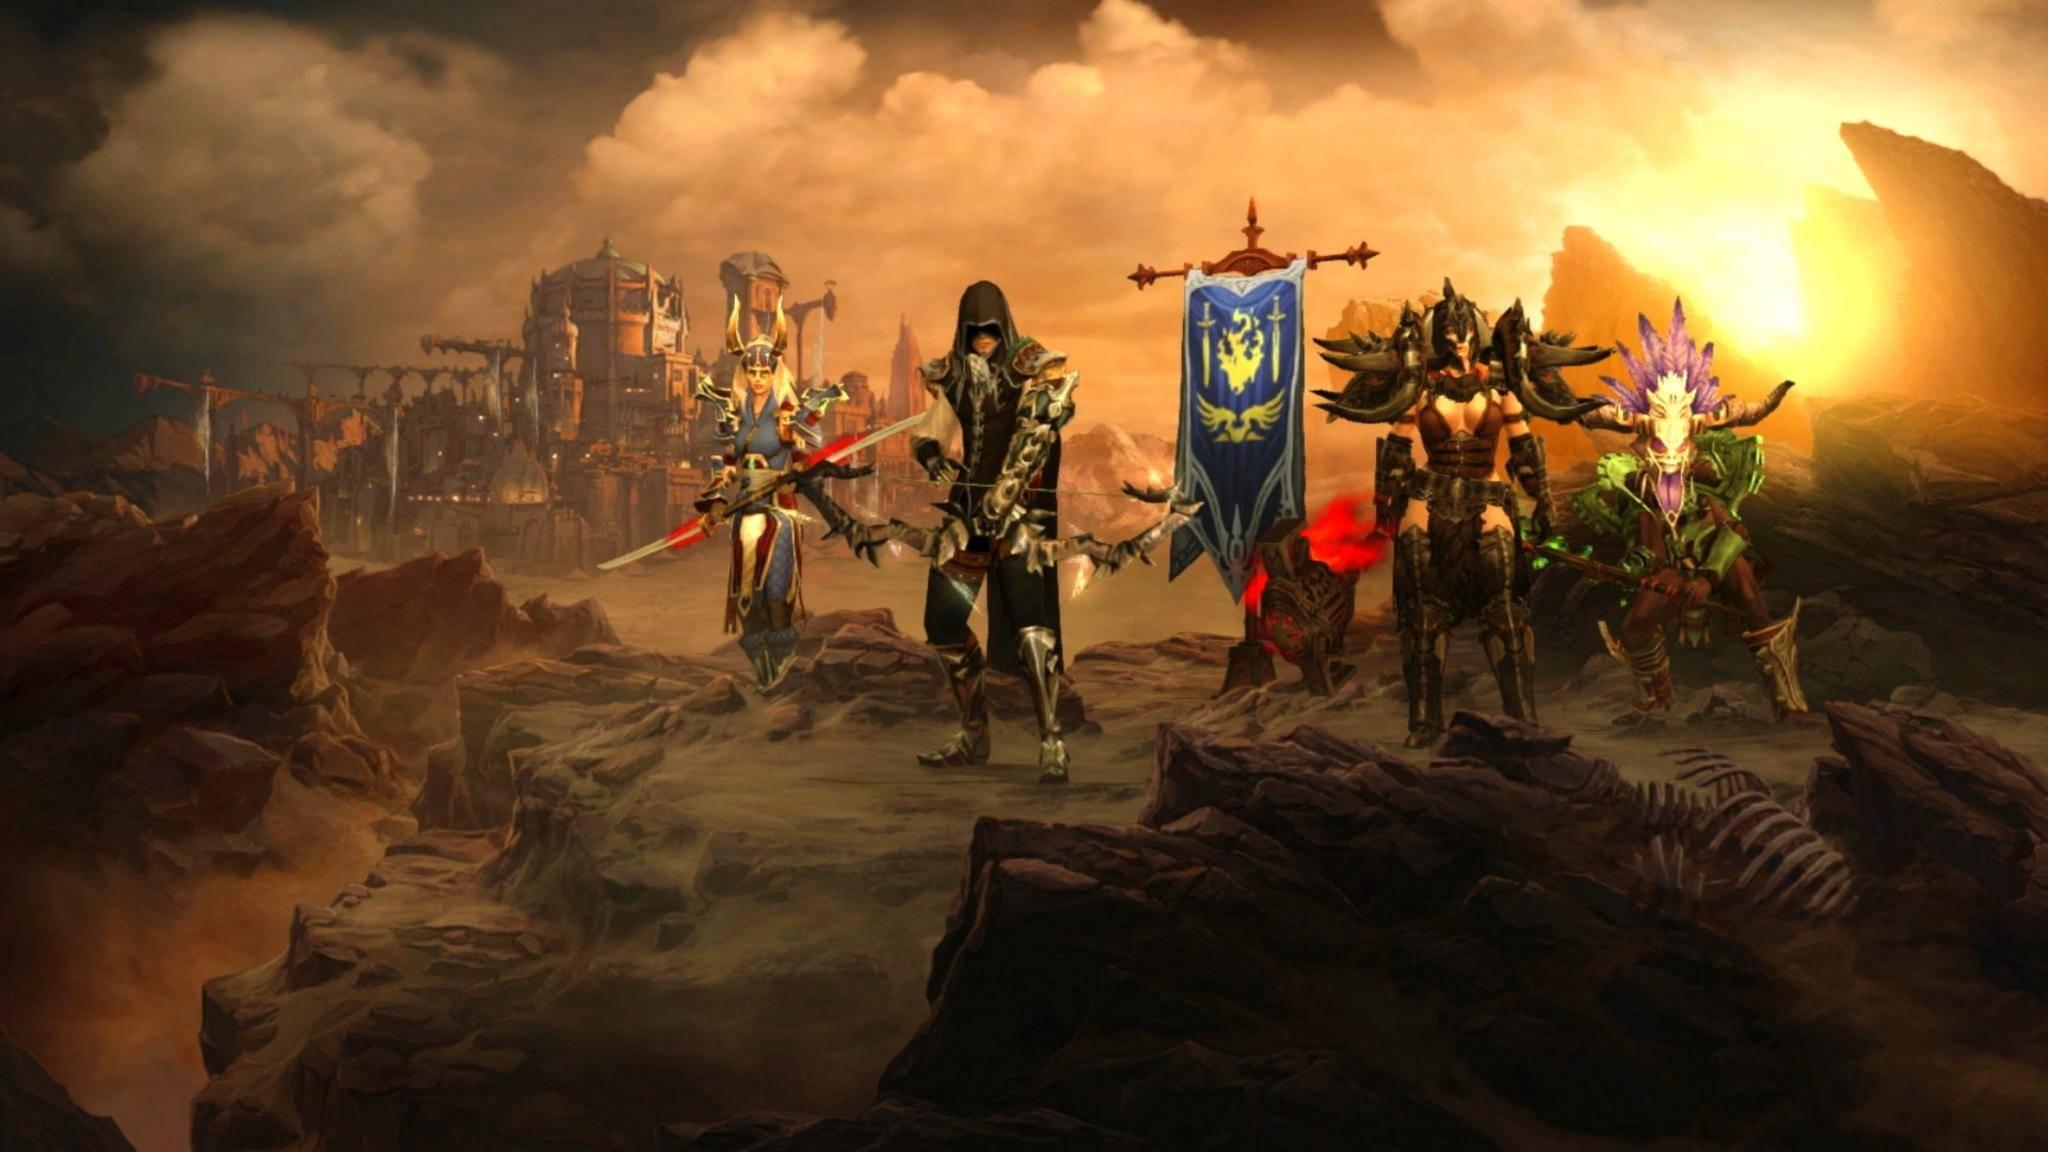 """""""Diablo 3"""" auf Nintendo Switch: So spielst Du den Hack'n'Slay-Hit mit Freunden."""